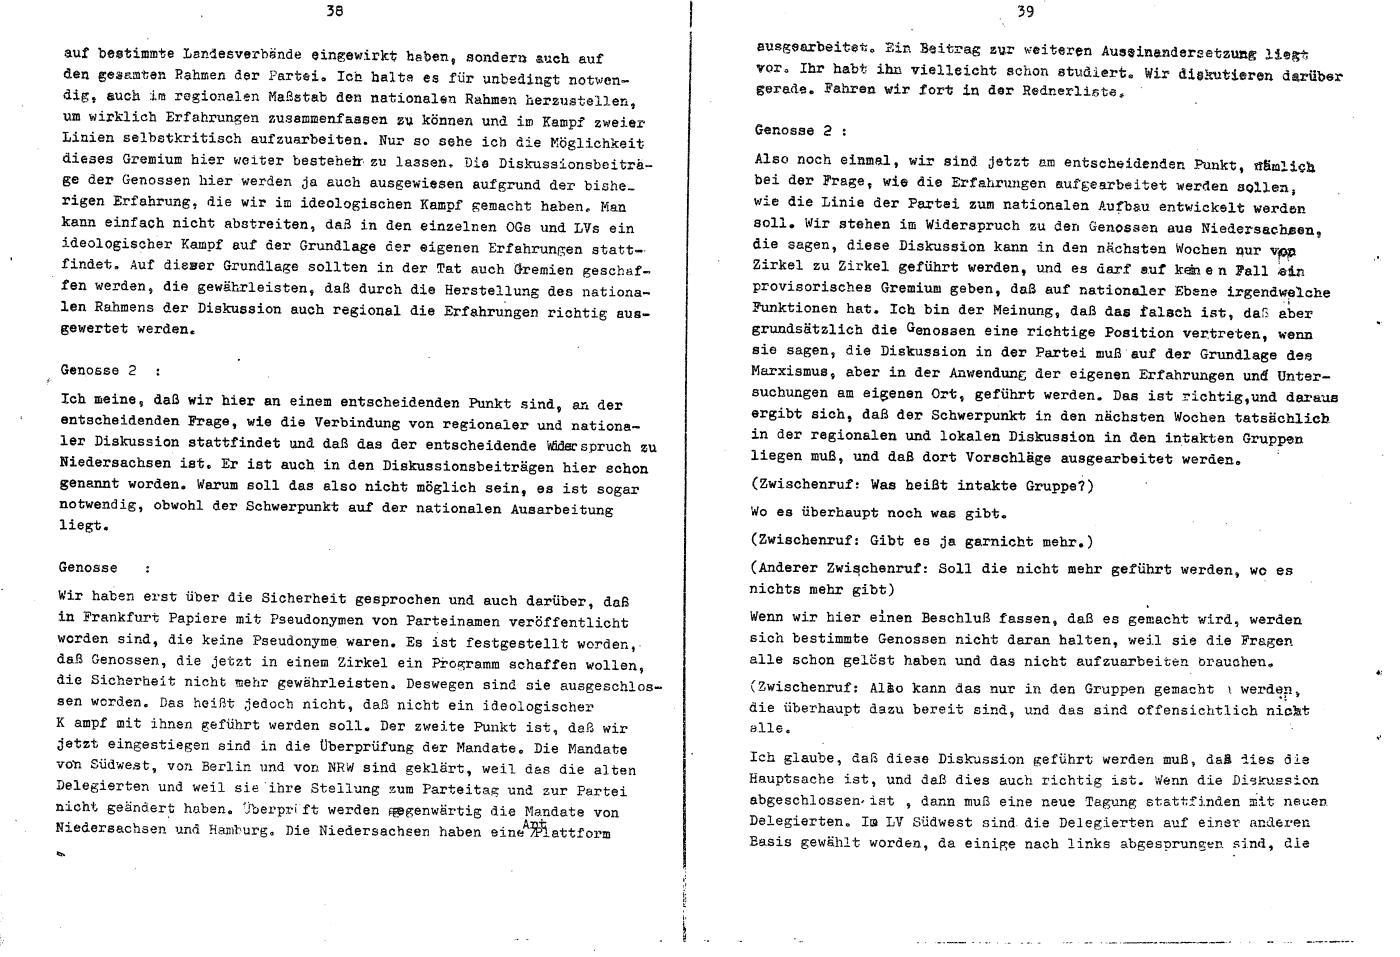 KPDML_1971_Wortprotokolle_aoPt_009